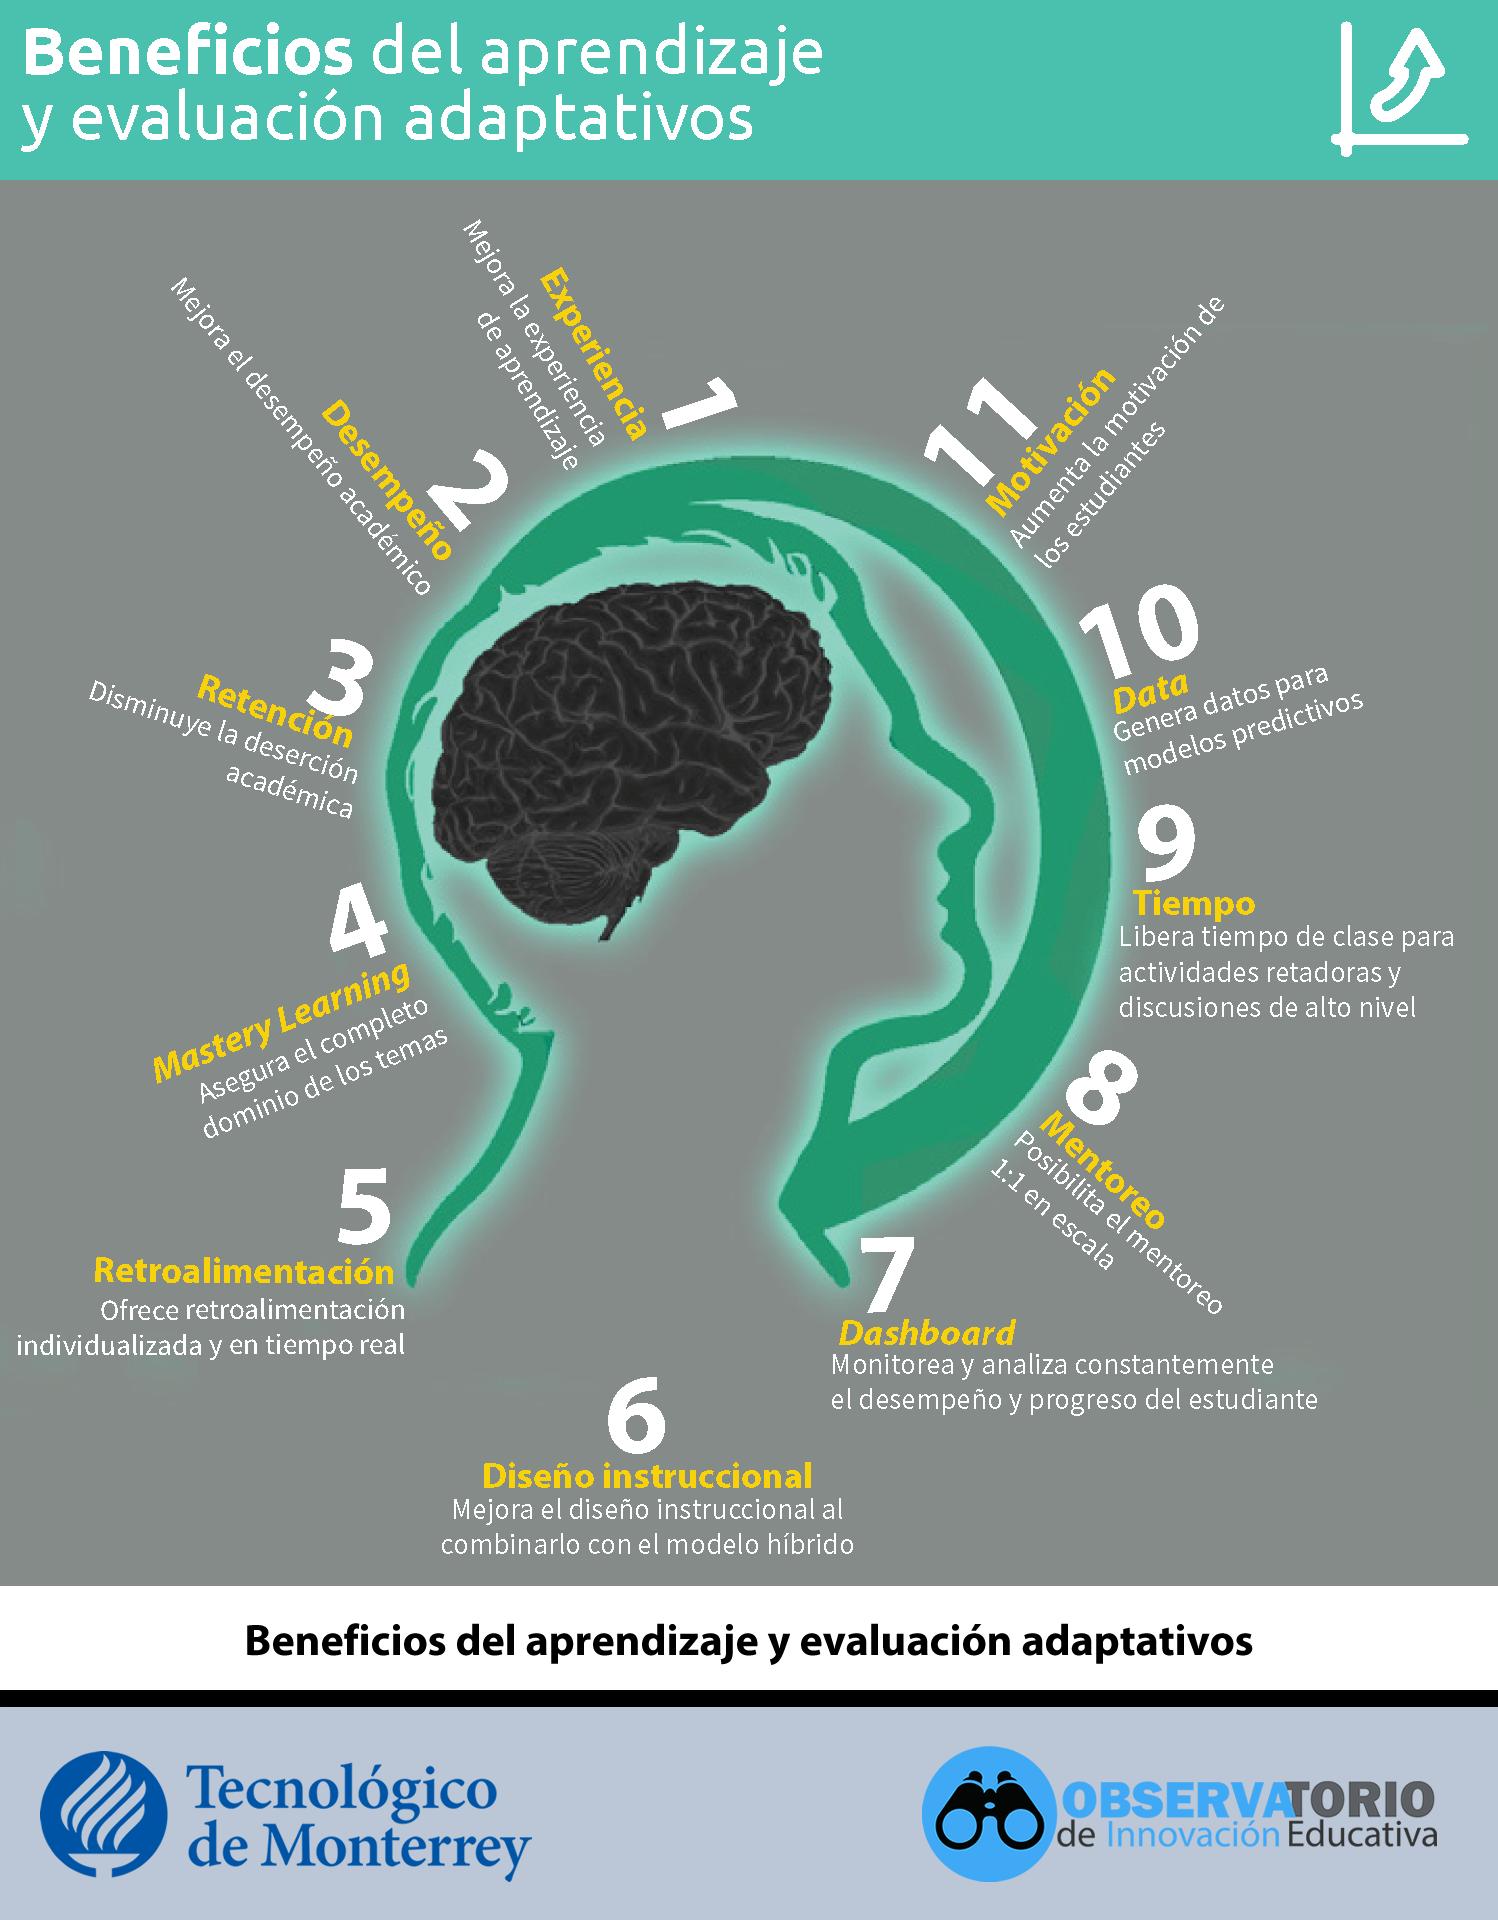 Beneficios Aprendizaje Adaptativo